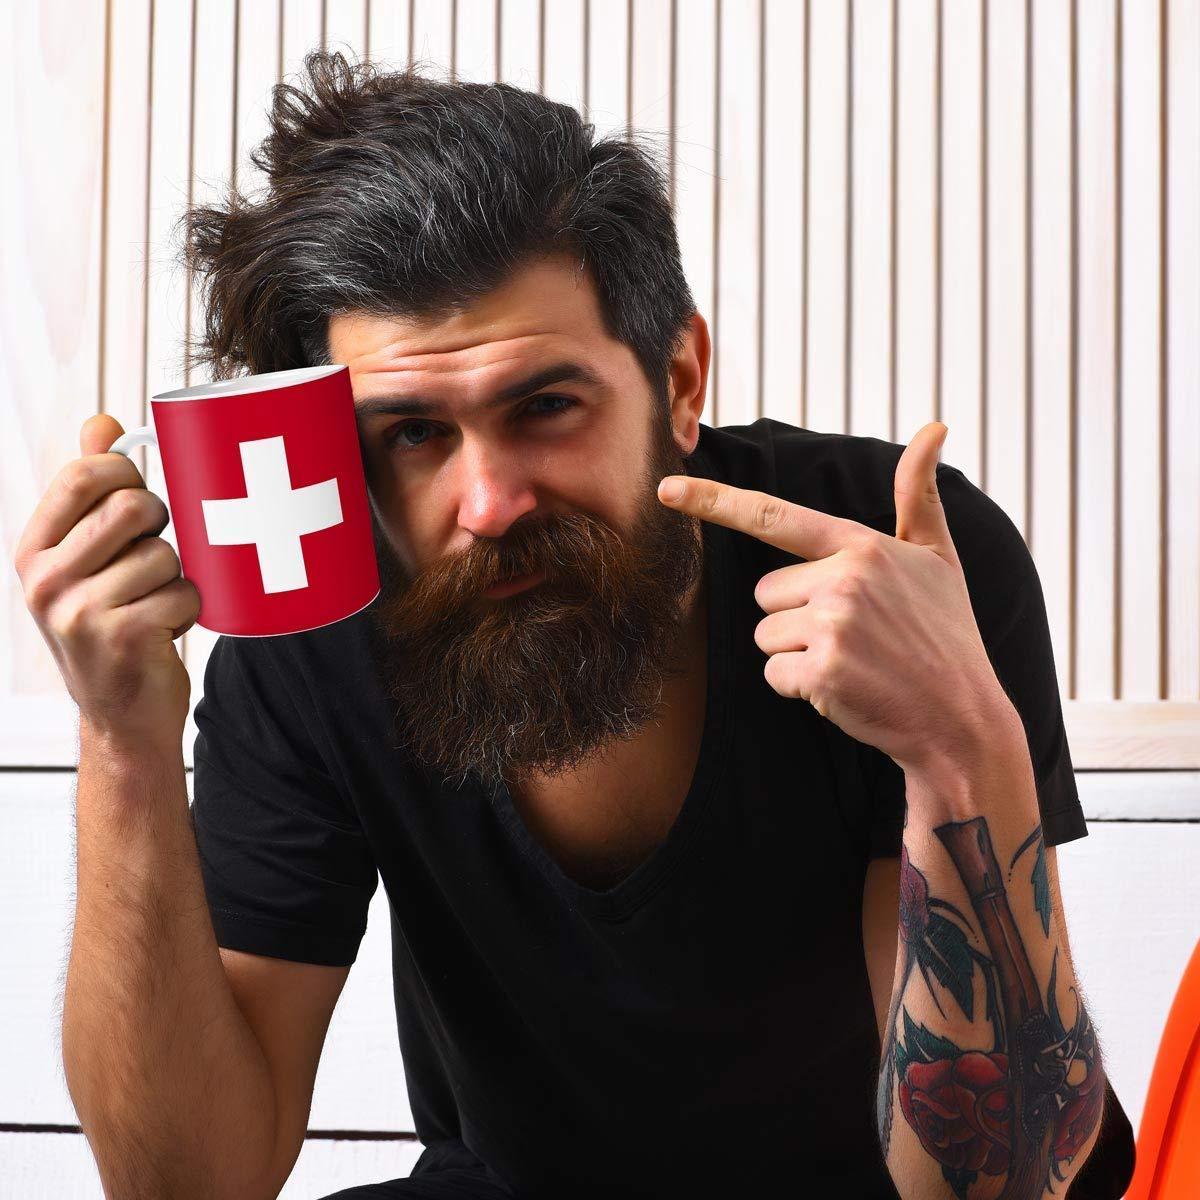 Geschenk Tasse mit Flagge Schweiz L/änder Flaggen Geburtstagsgeschenk Souvenir Suisse f/ür Reiseliebhaber Frauen M/änner